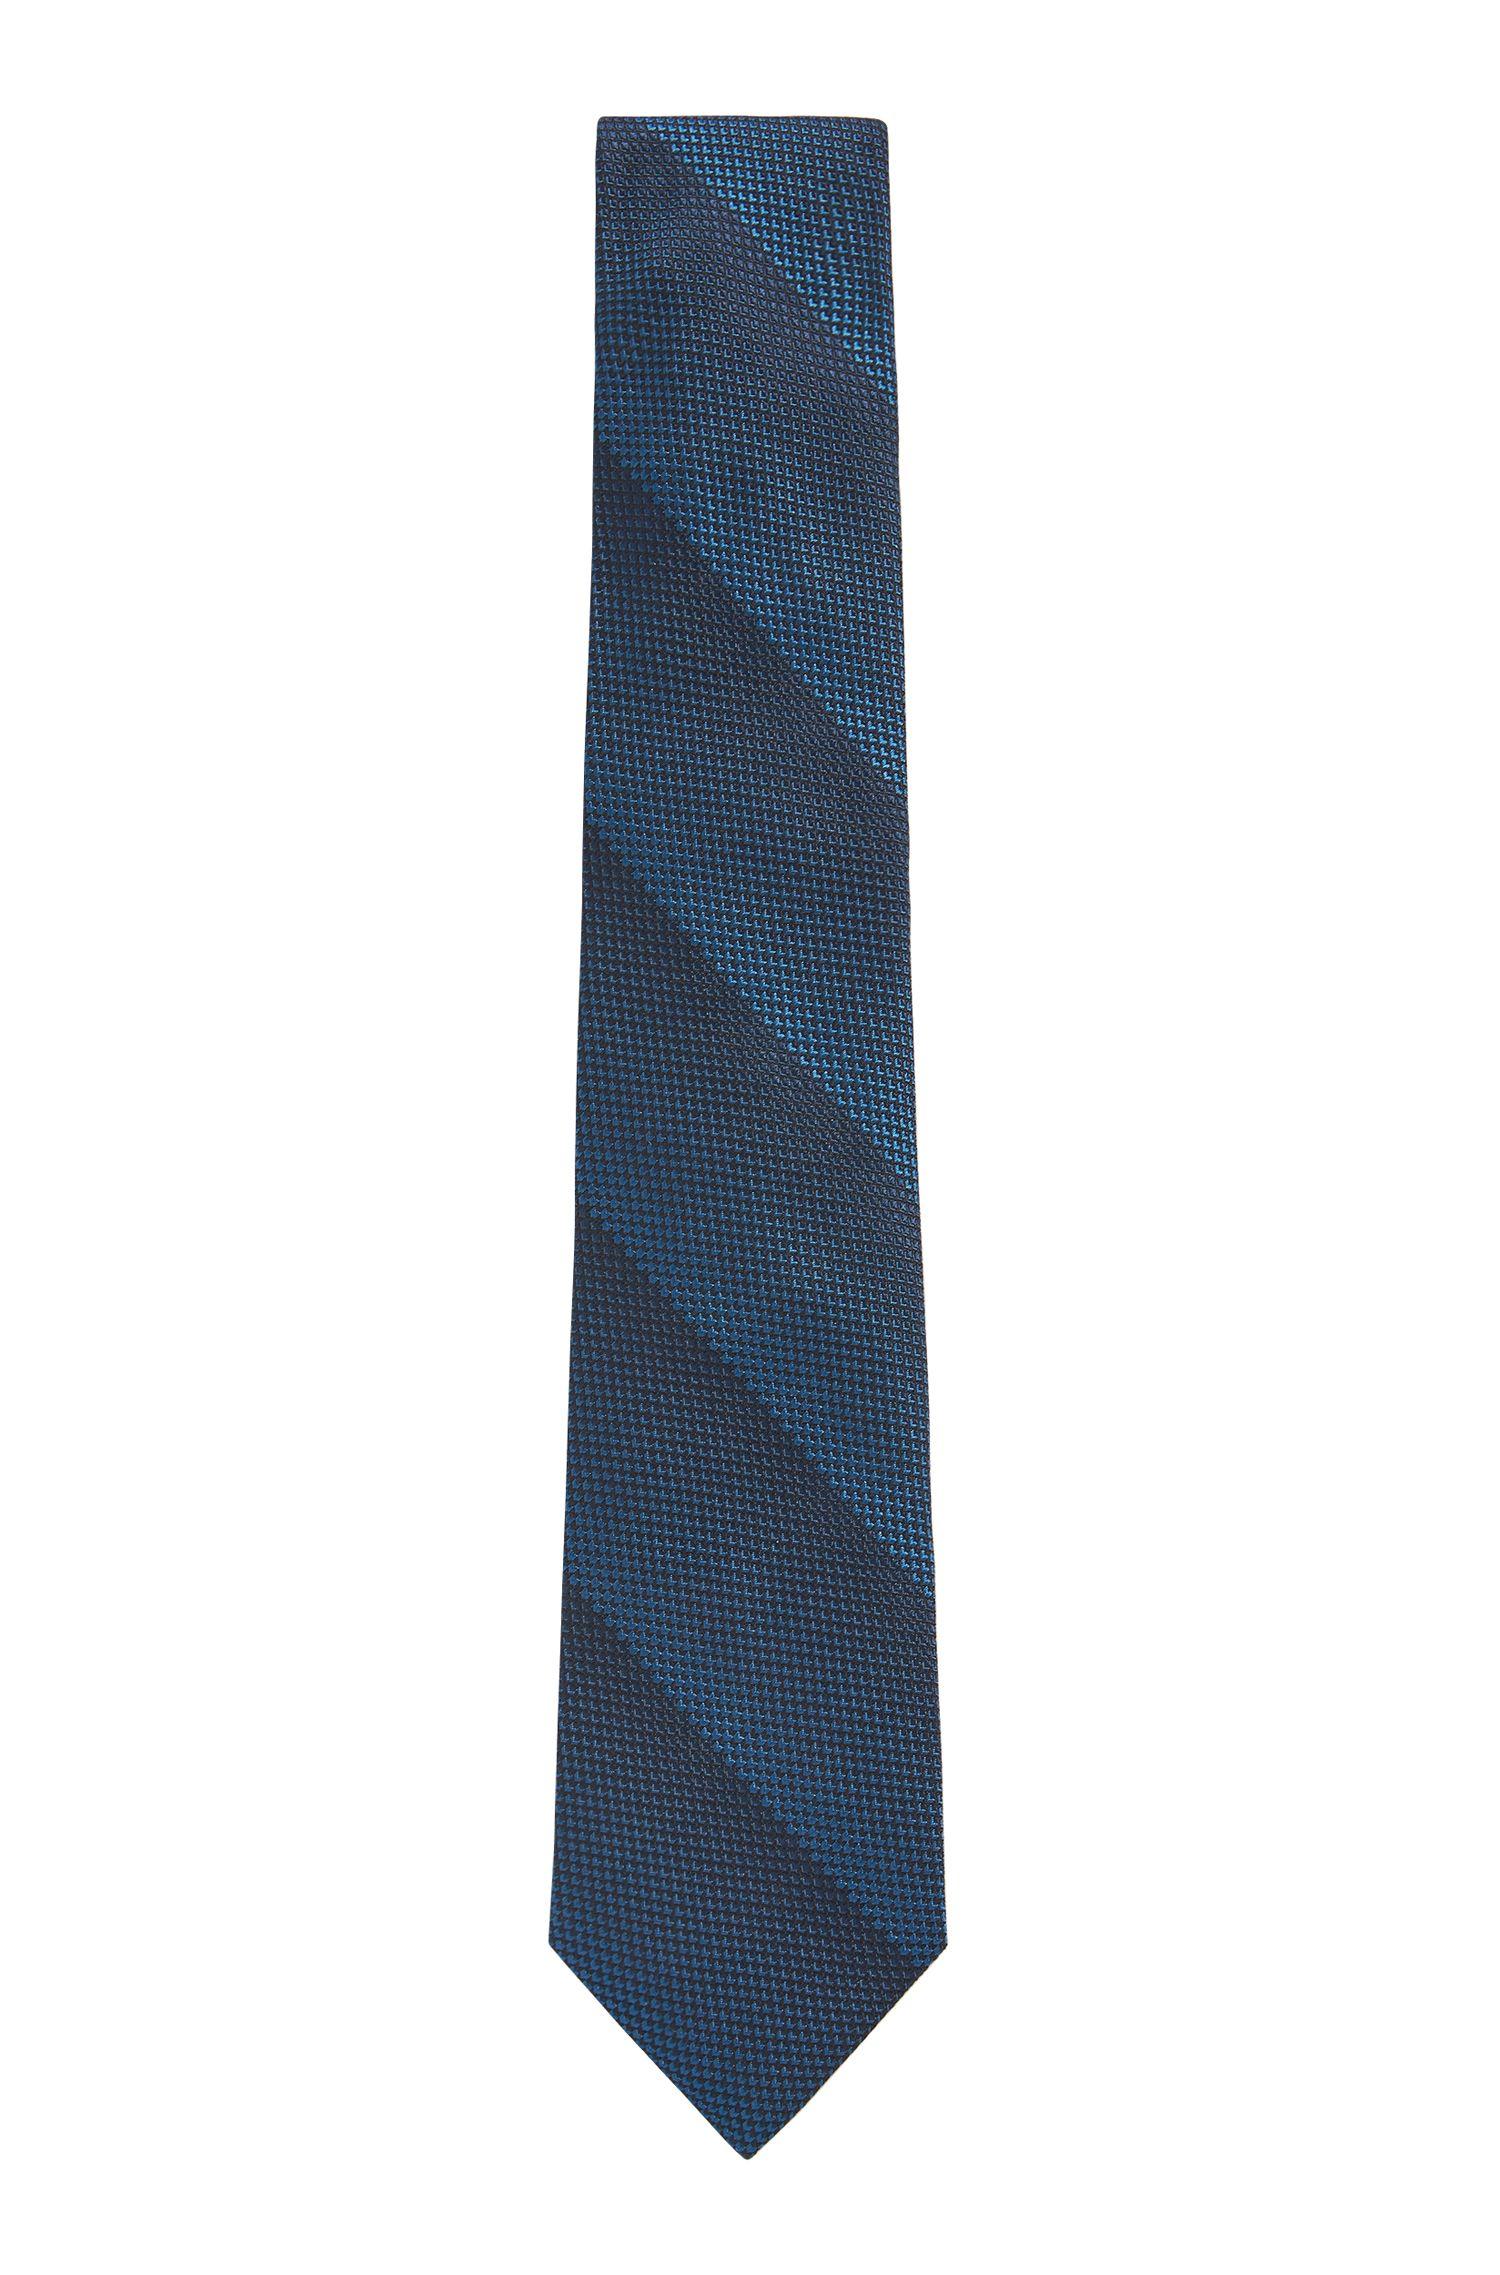 Handgefertigte Krawatte aus reiner Seide mit Jacquard-Streifen, Blau